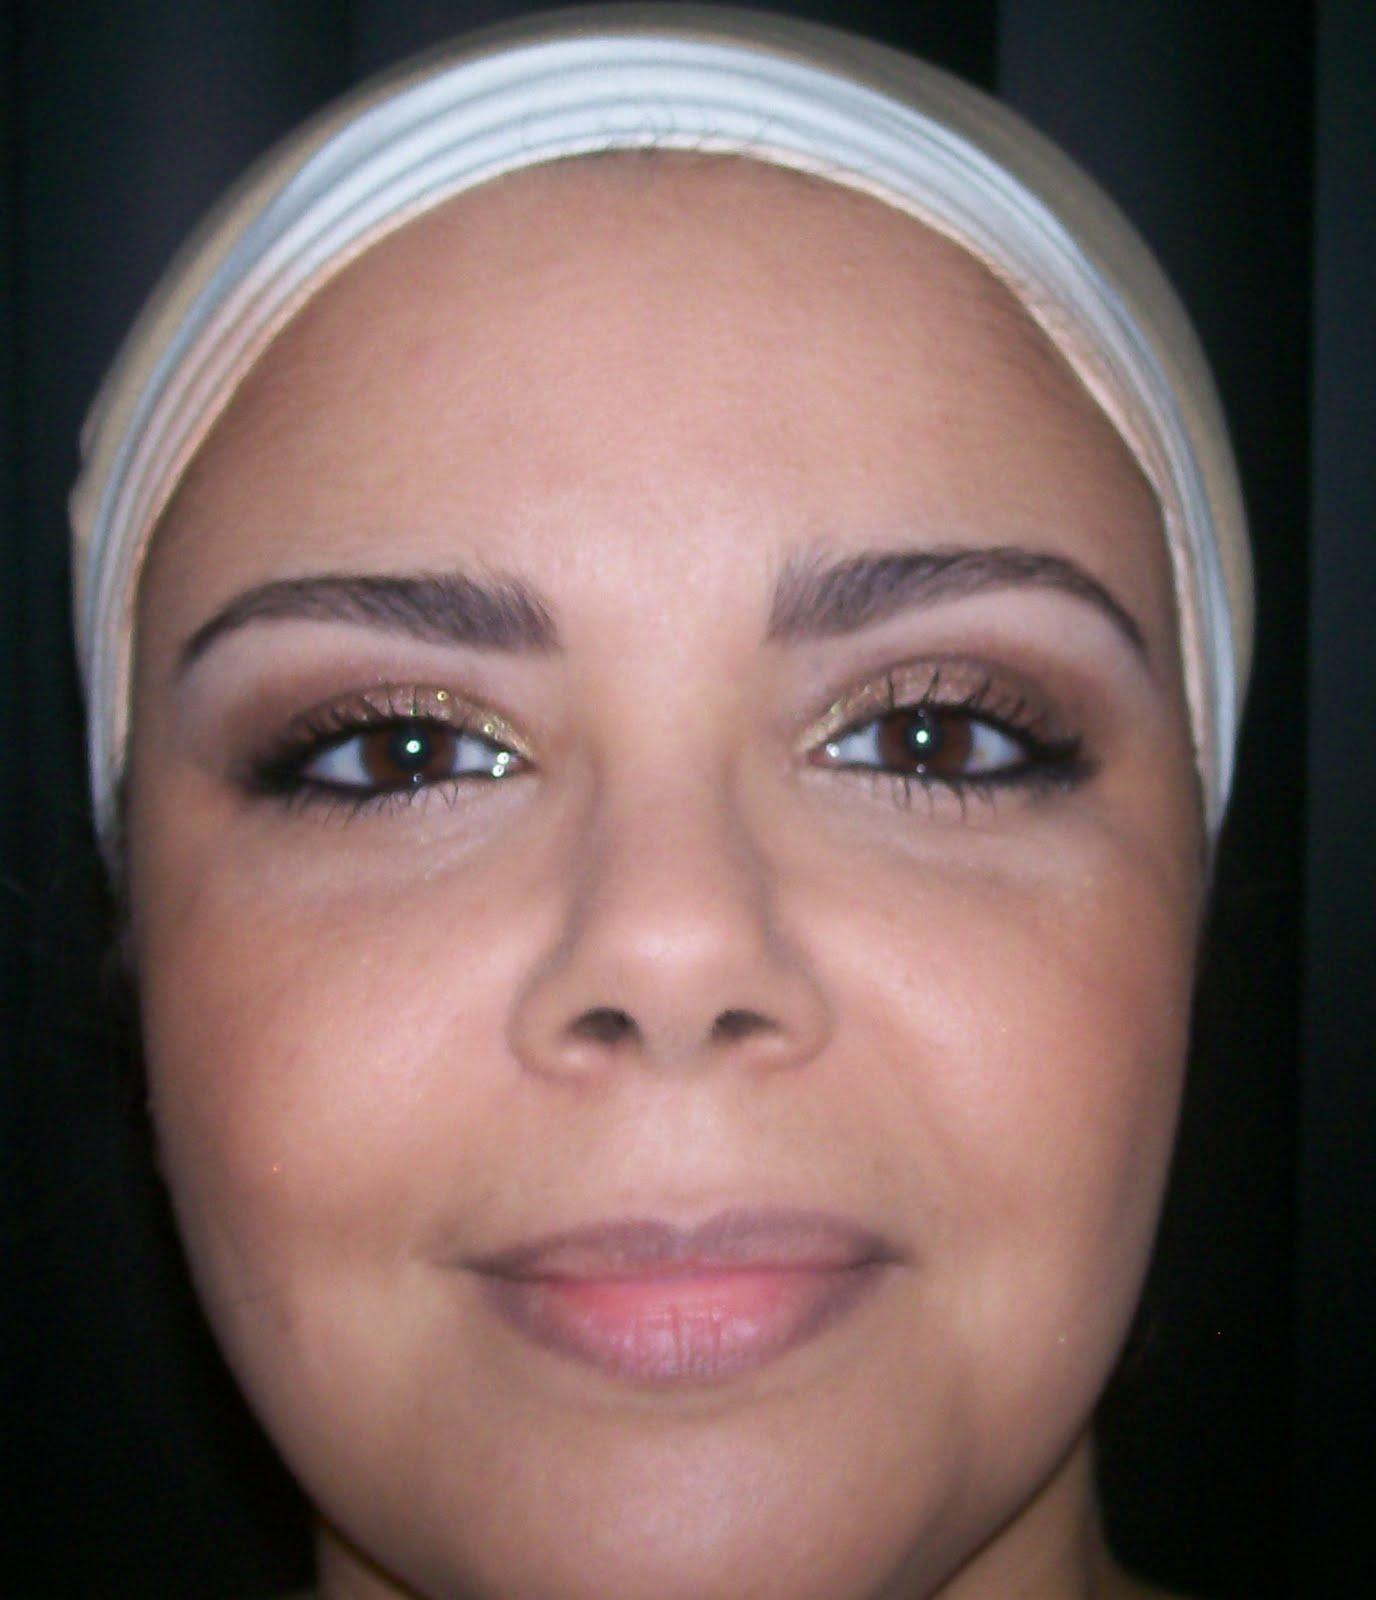 O pigmentary nota em uma razão o tratamento de pescoço